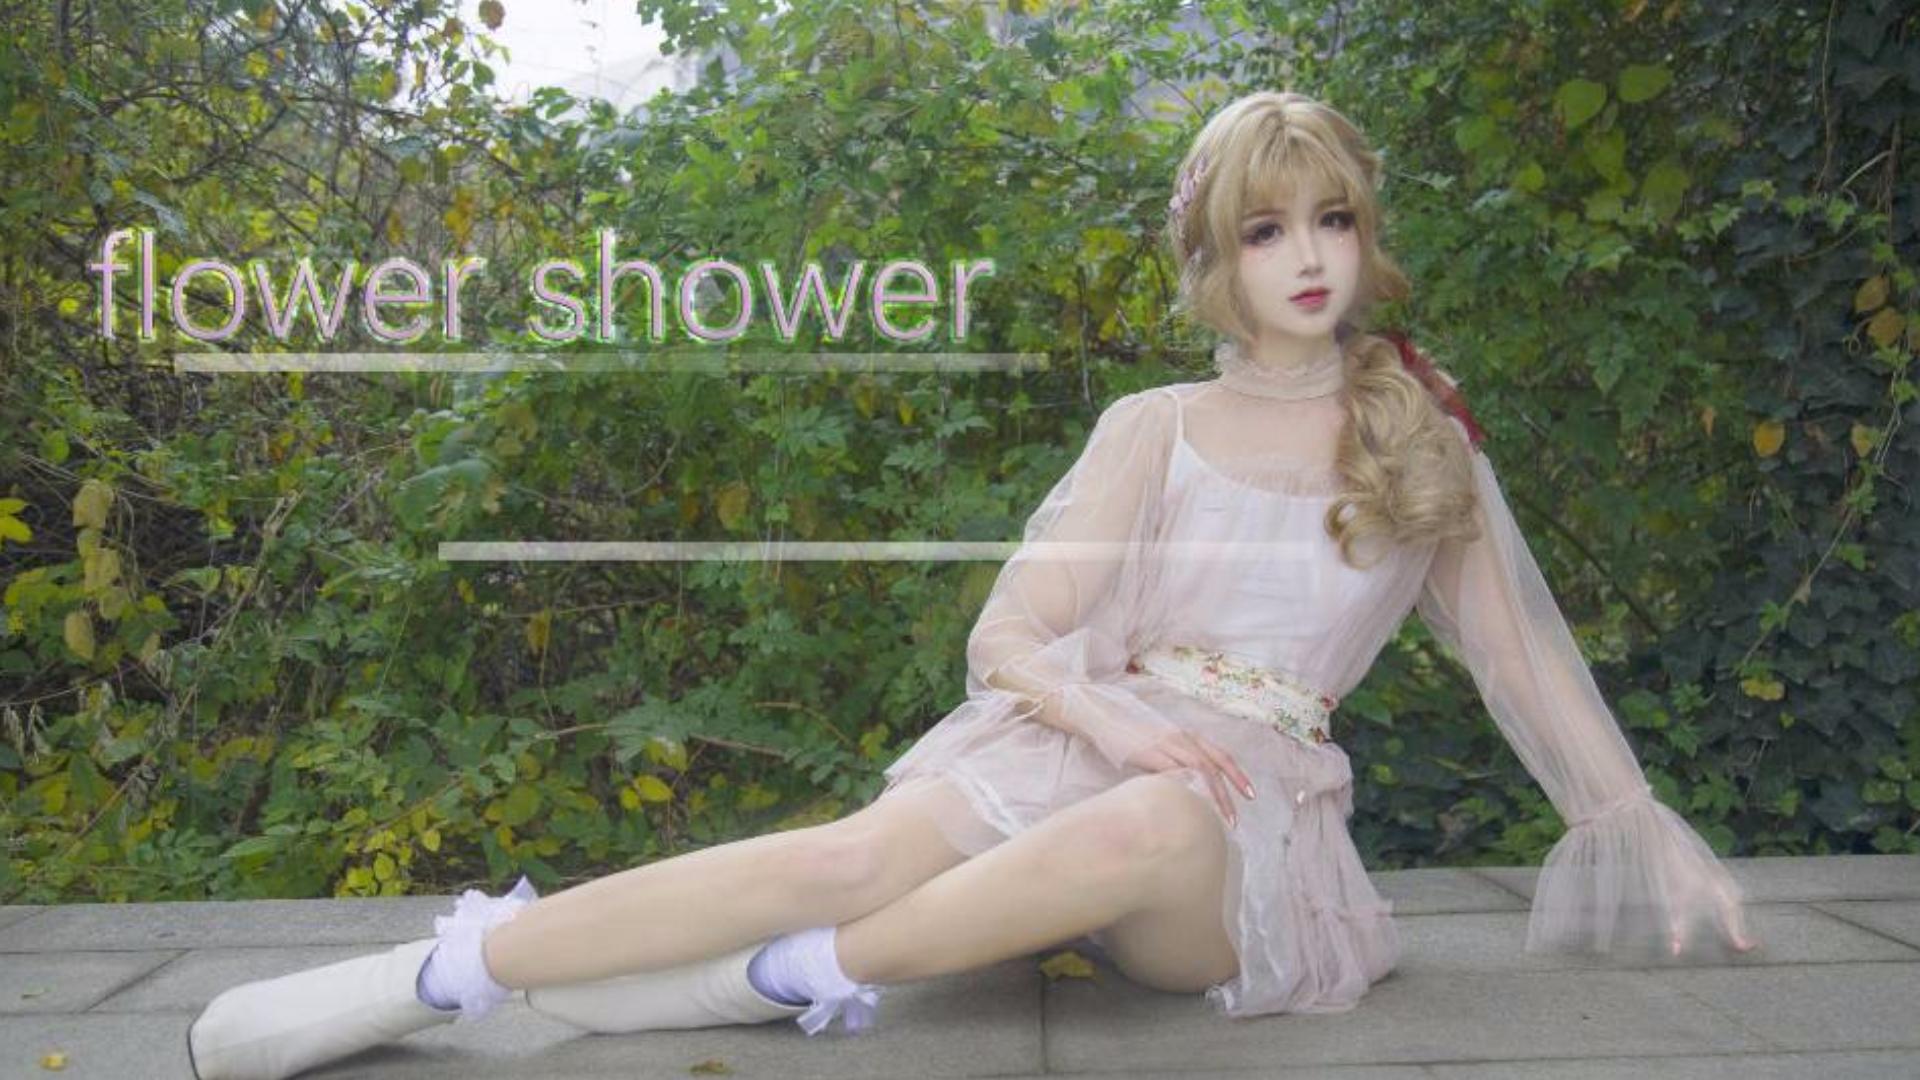 【玵木】 Flower shower  -泫雅 新曲翻跳-